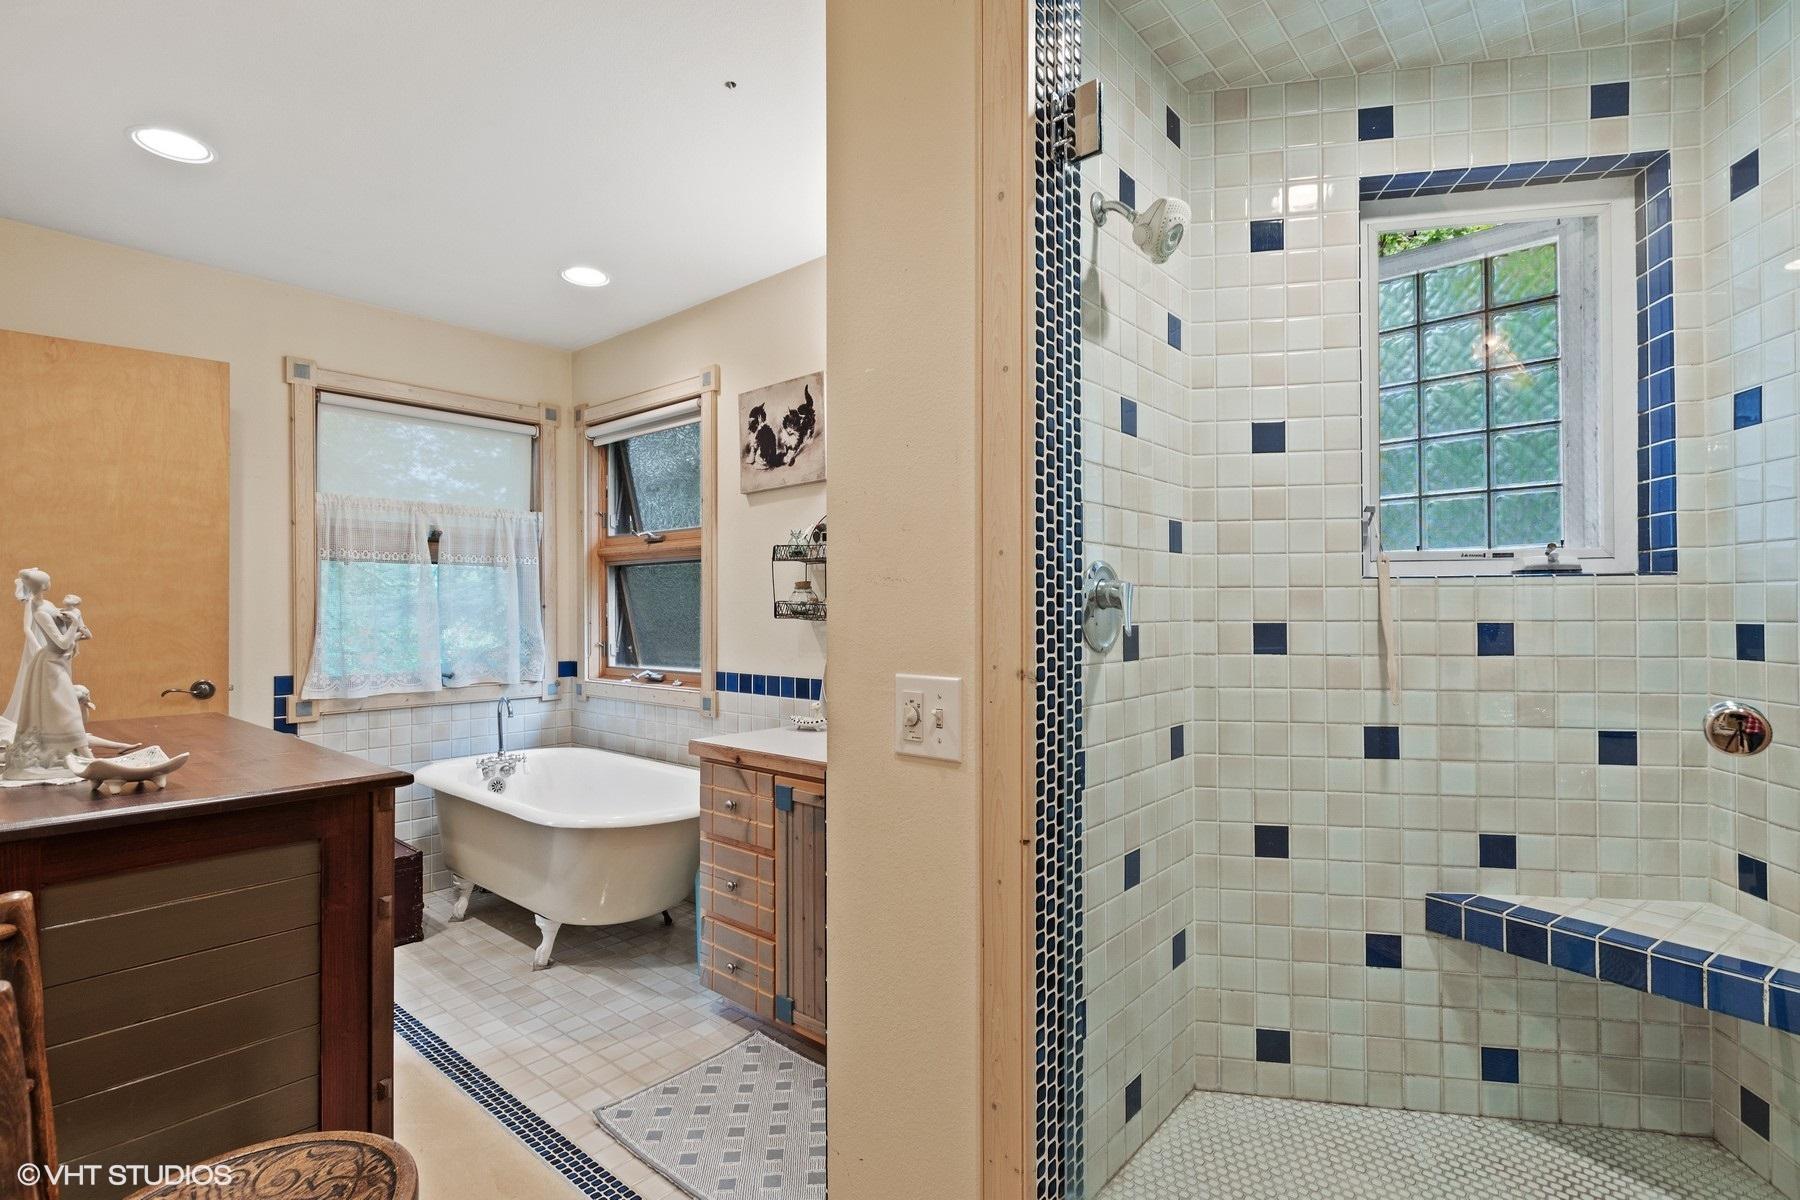 Tiled steam shower